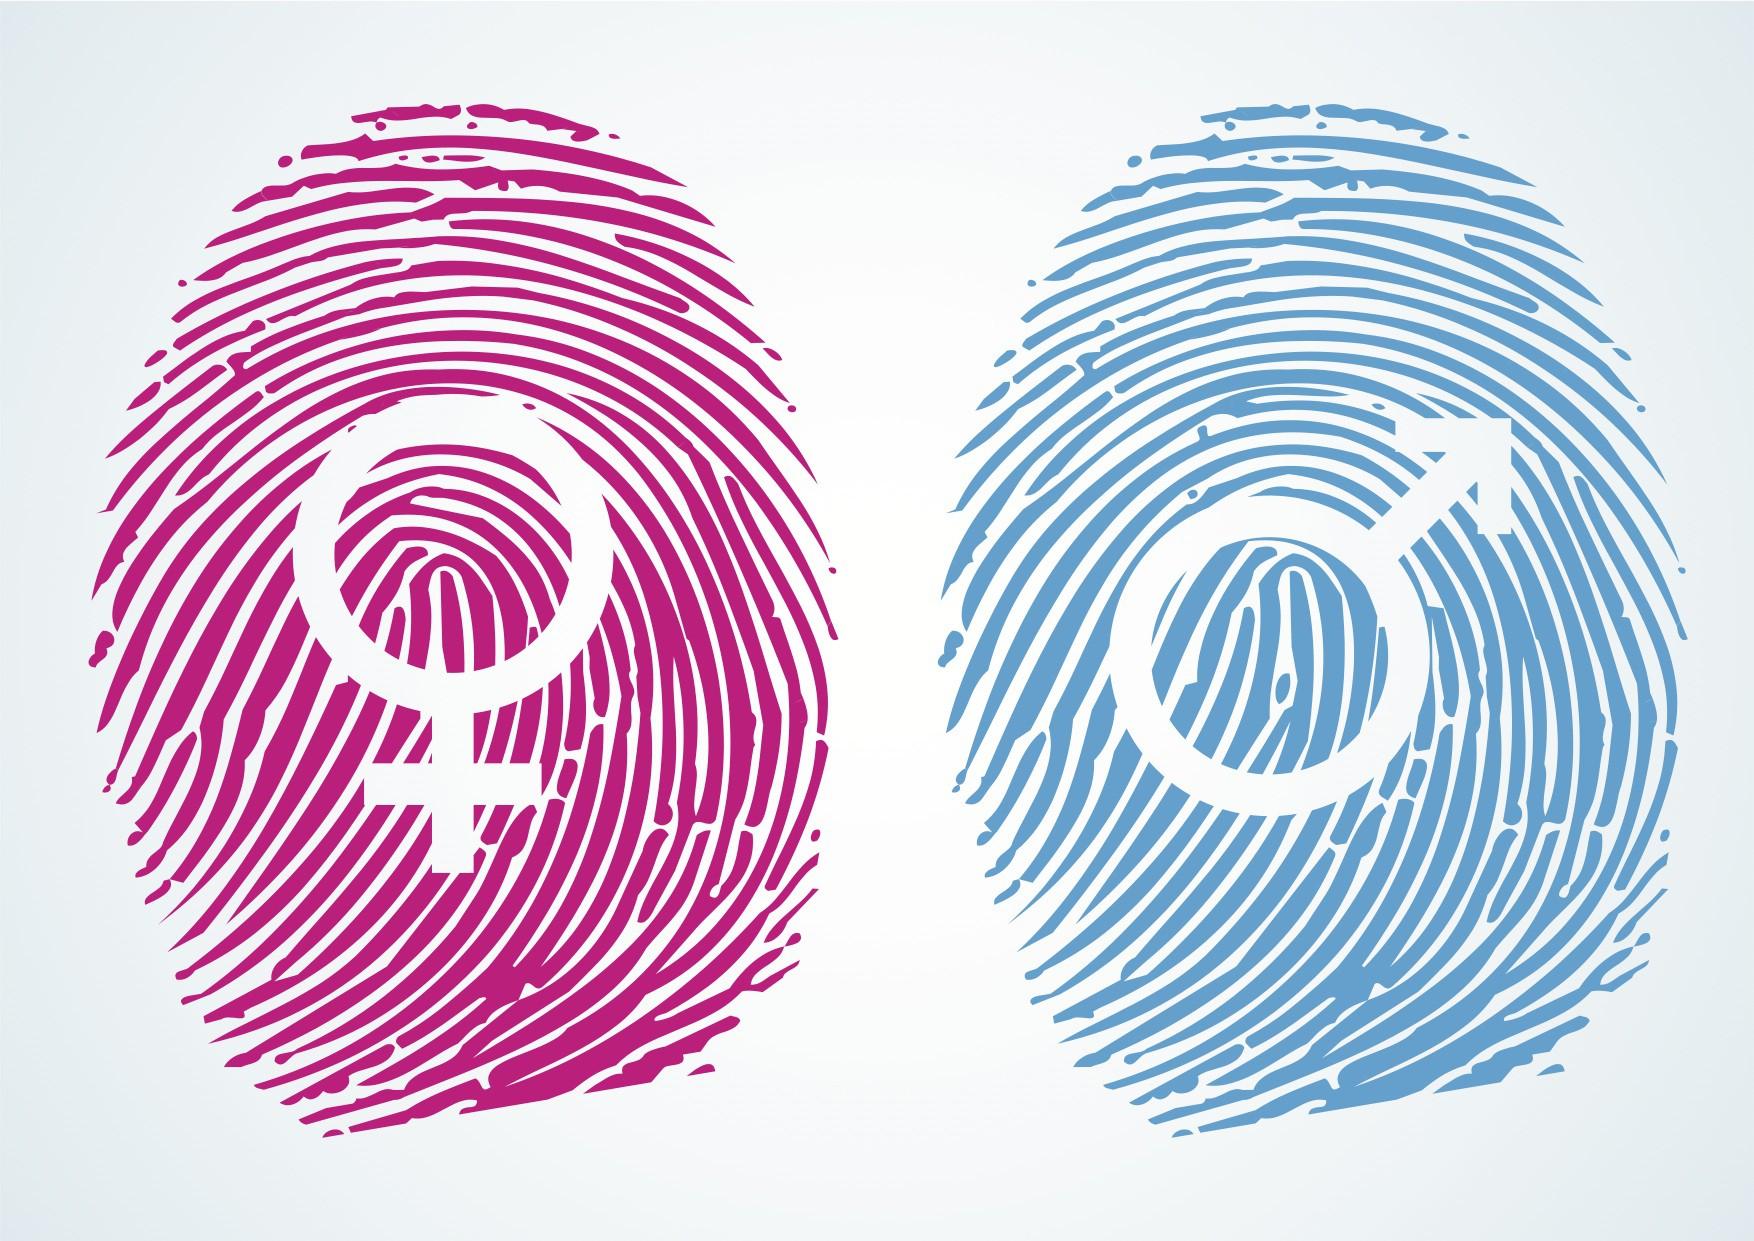 خشونت جنسیتی چیست؟